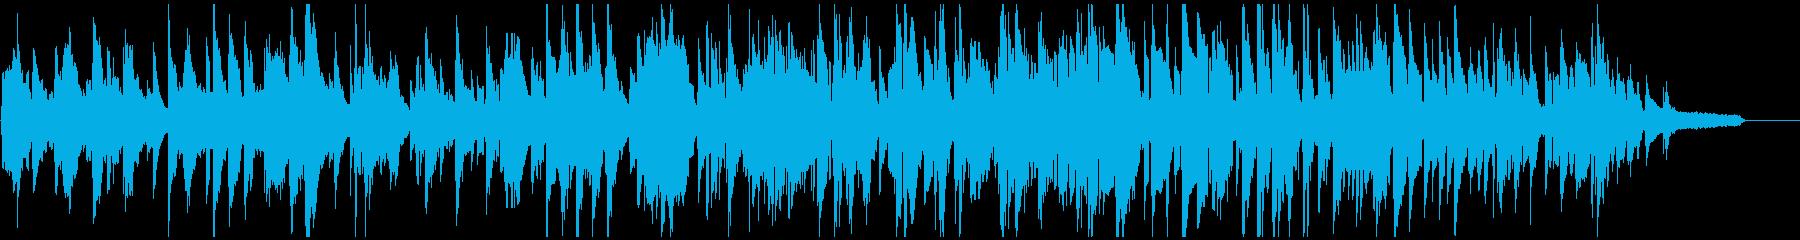 渋いサックス、くつろぎのジャズ・バラードの再生済みの波形